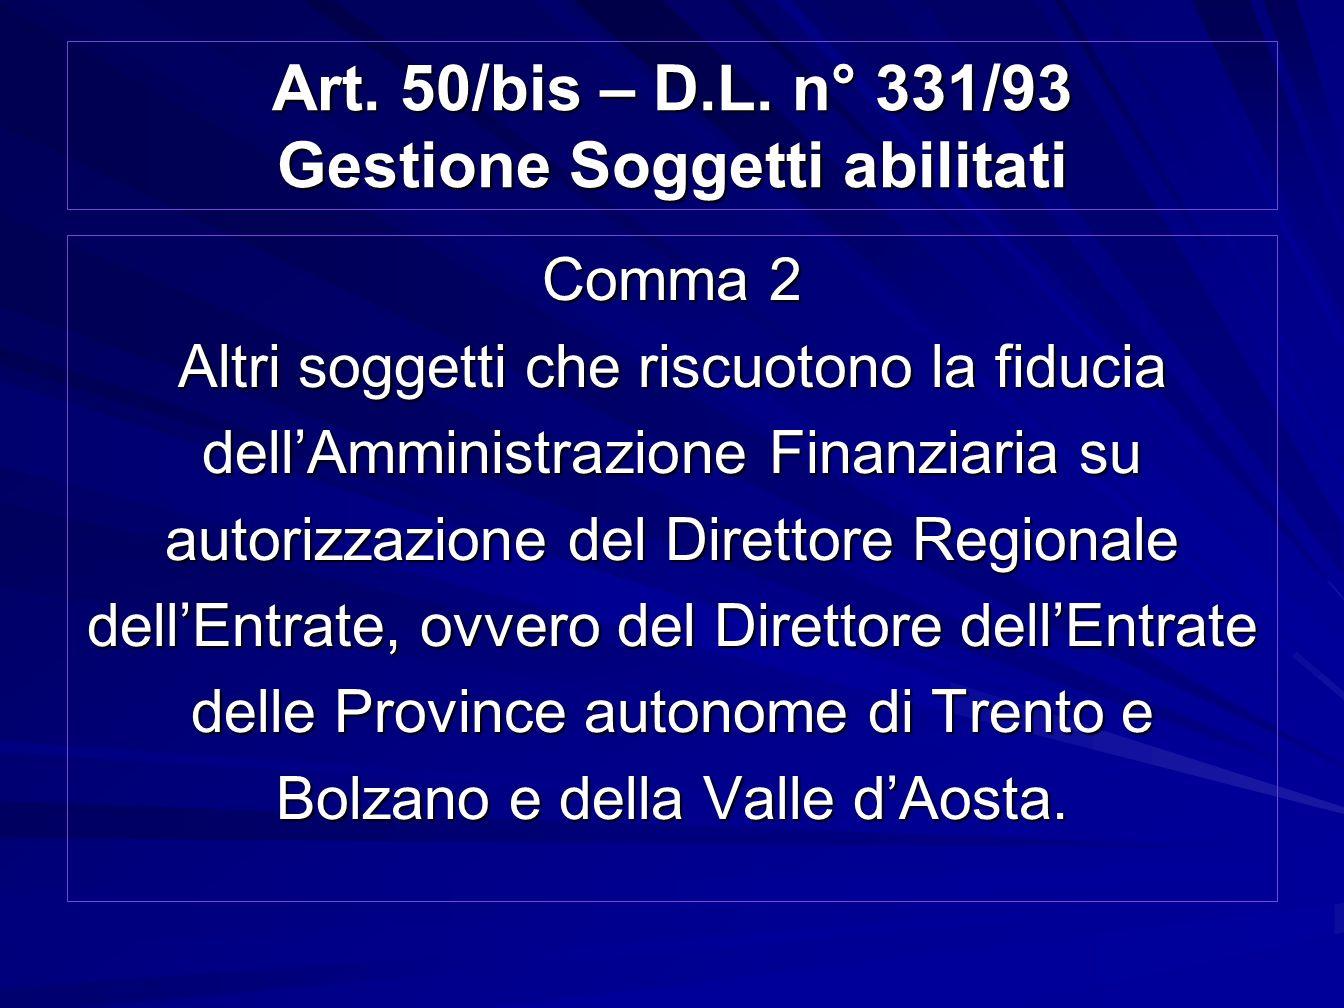 Art. 50/bis – D.L. n° 331/93 Gestione Soggetti abilitati